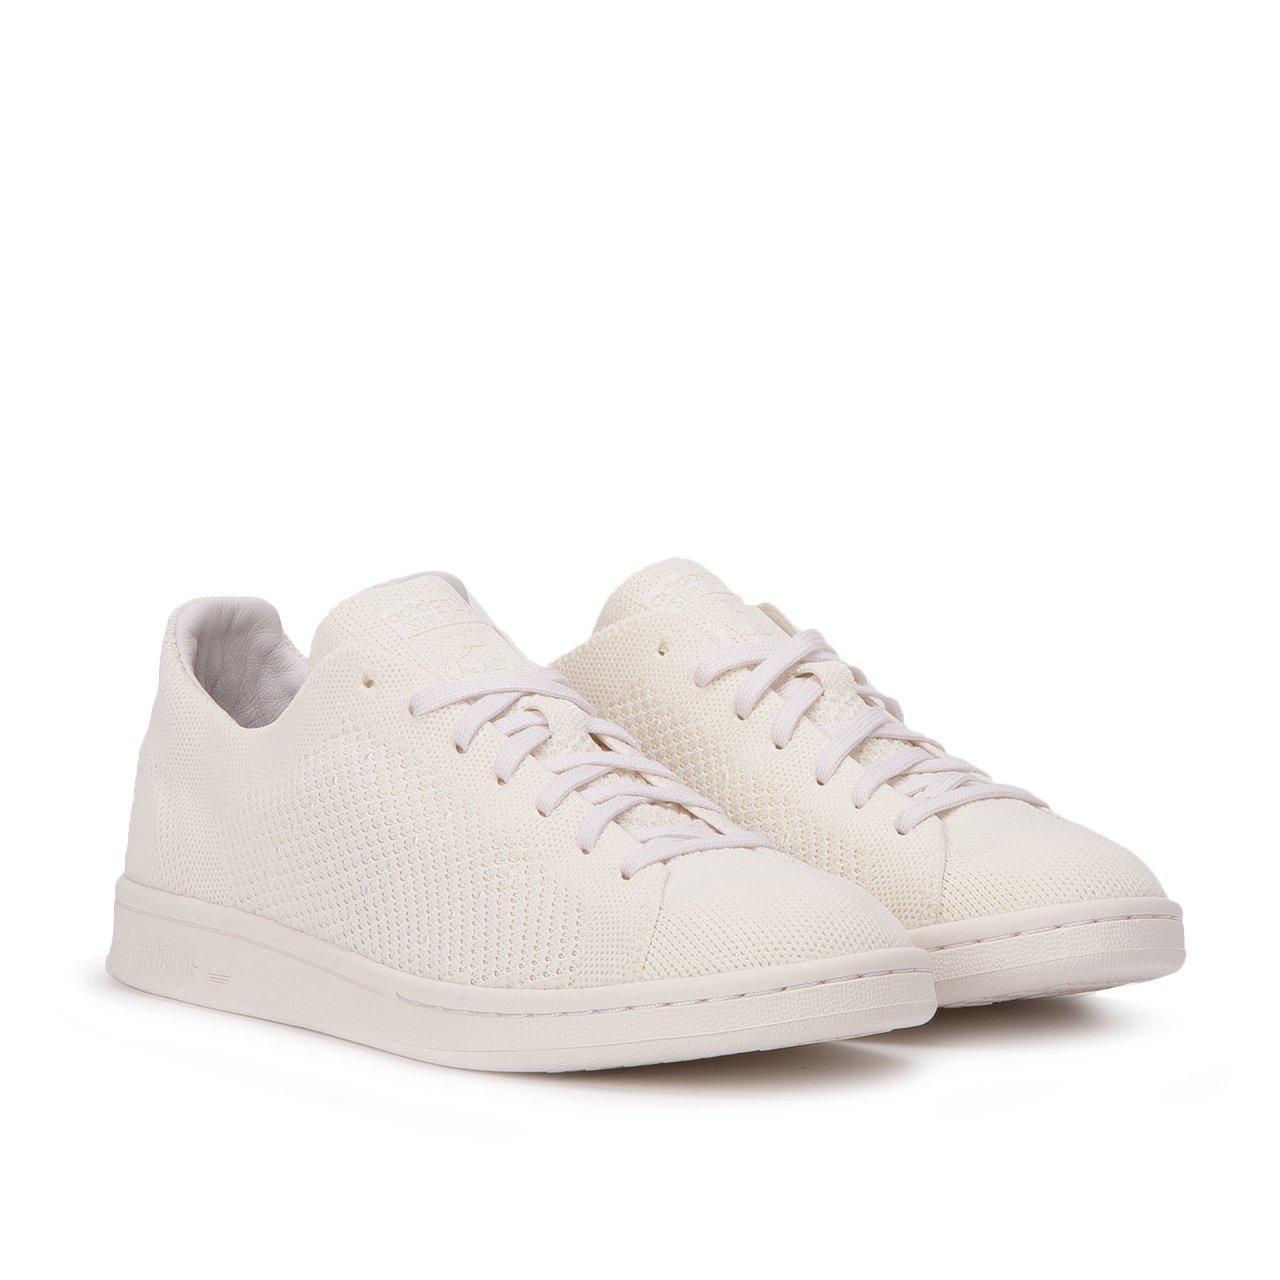 2d51e39c693 Adidas Originals - White Williams Hu Holi Stan Smith